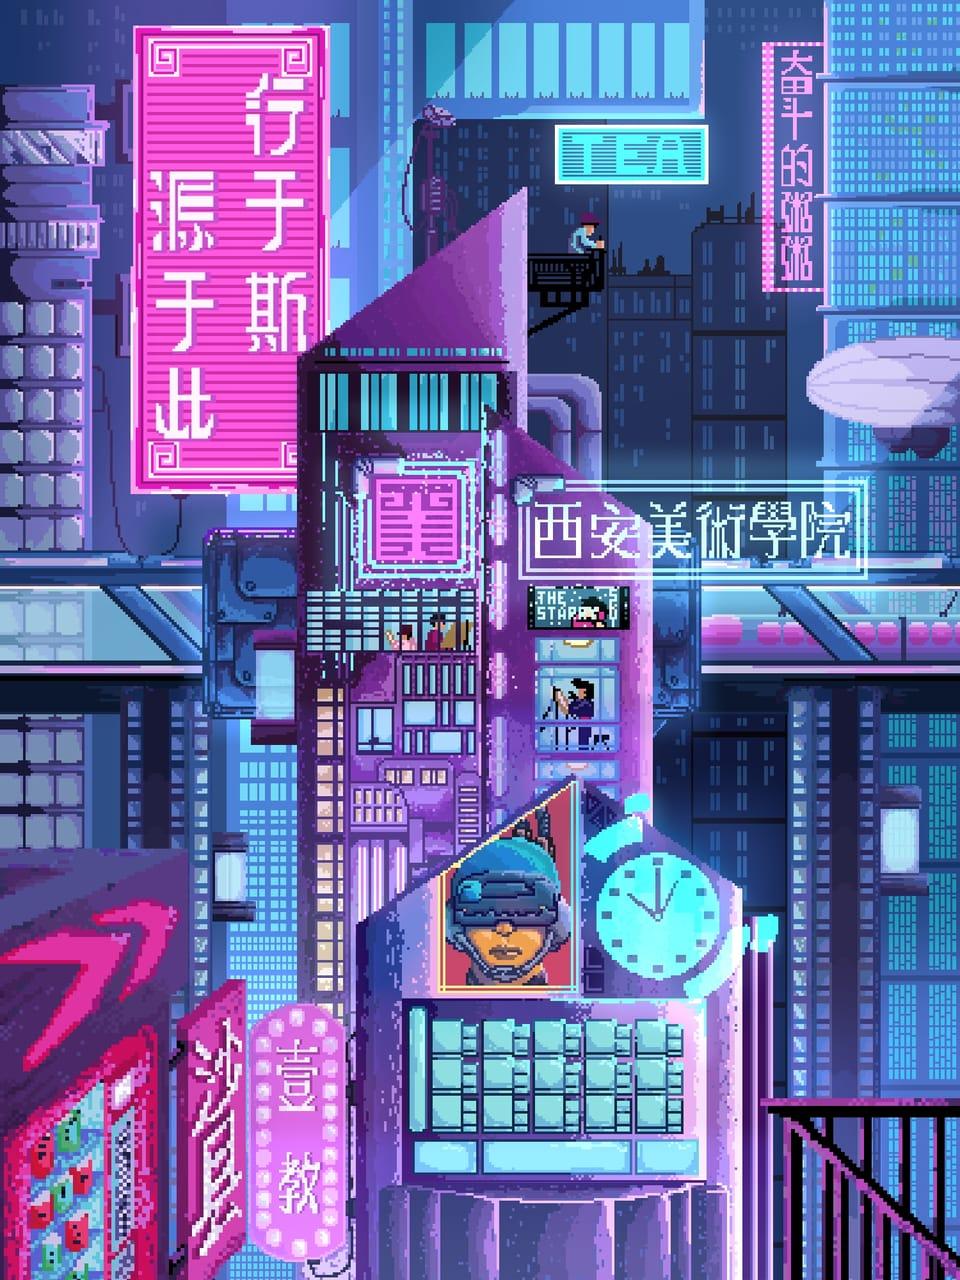 中国西安美术学院 Illust of 阿特 November2020_Contest:Cyberpunk 教学楼 学校